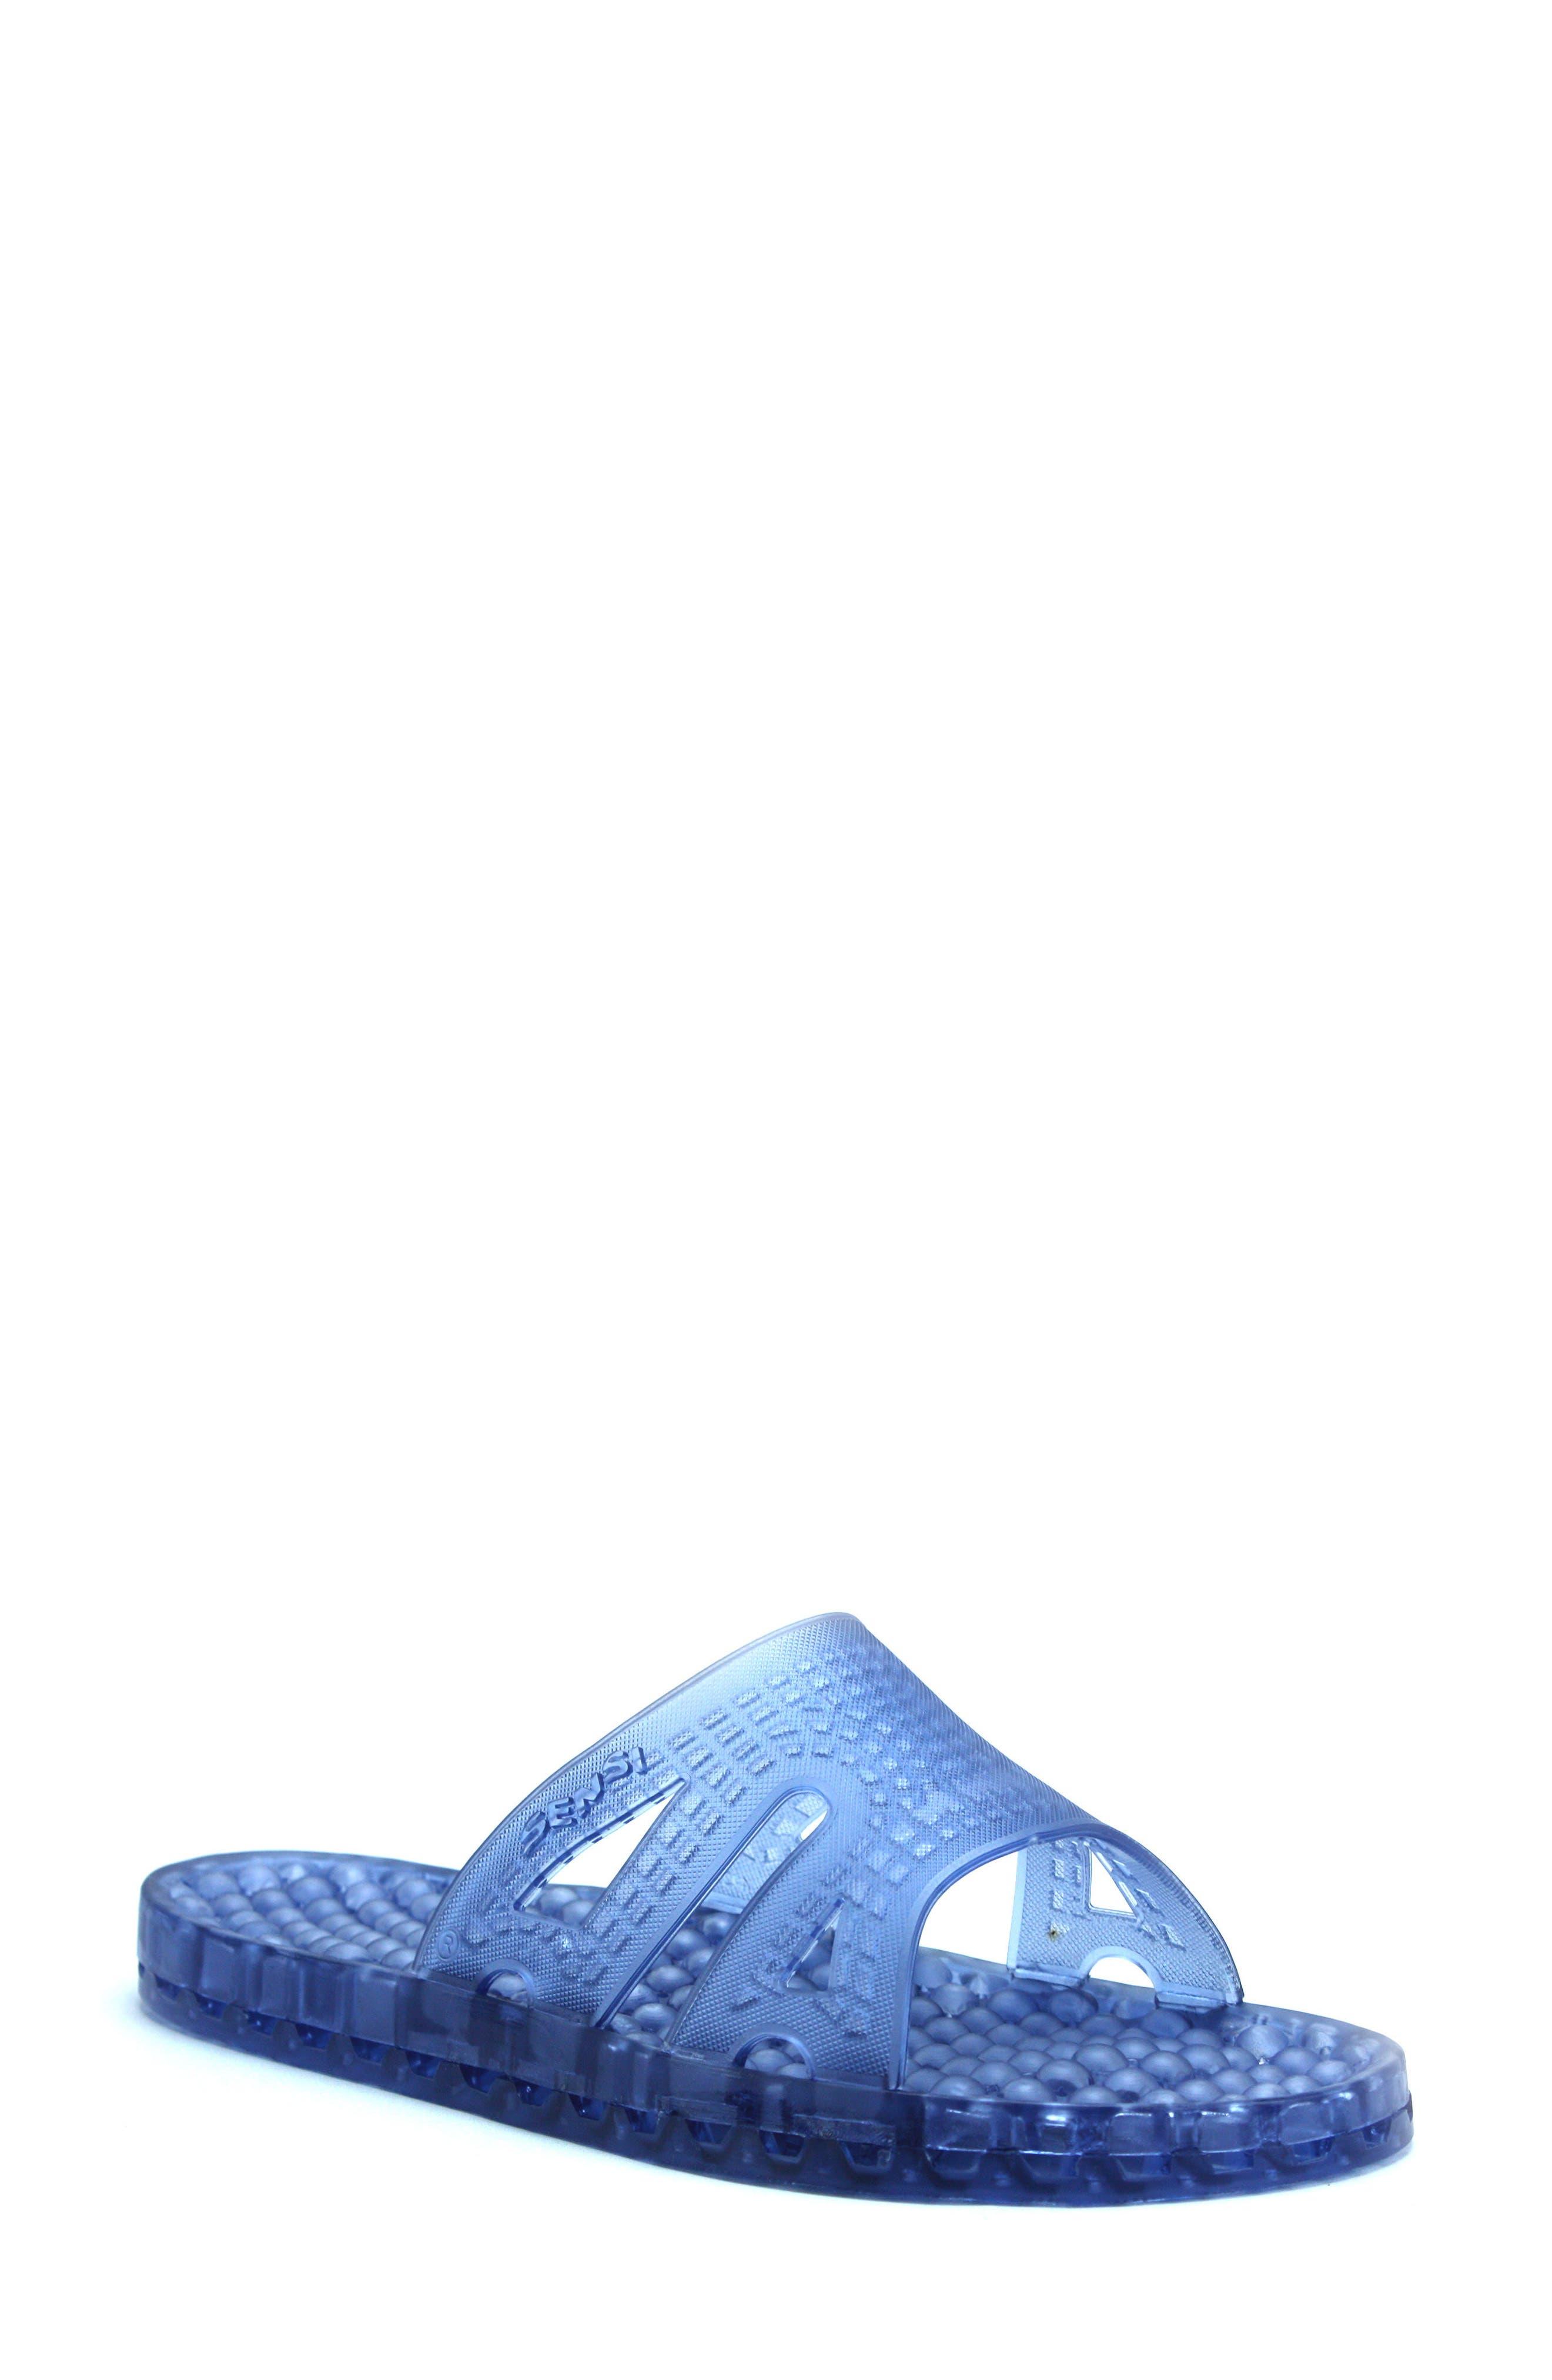 Regatta Ice Slide Sandal,                         Main,                         color, Murano Rubber